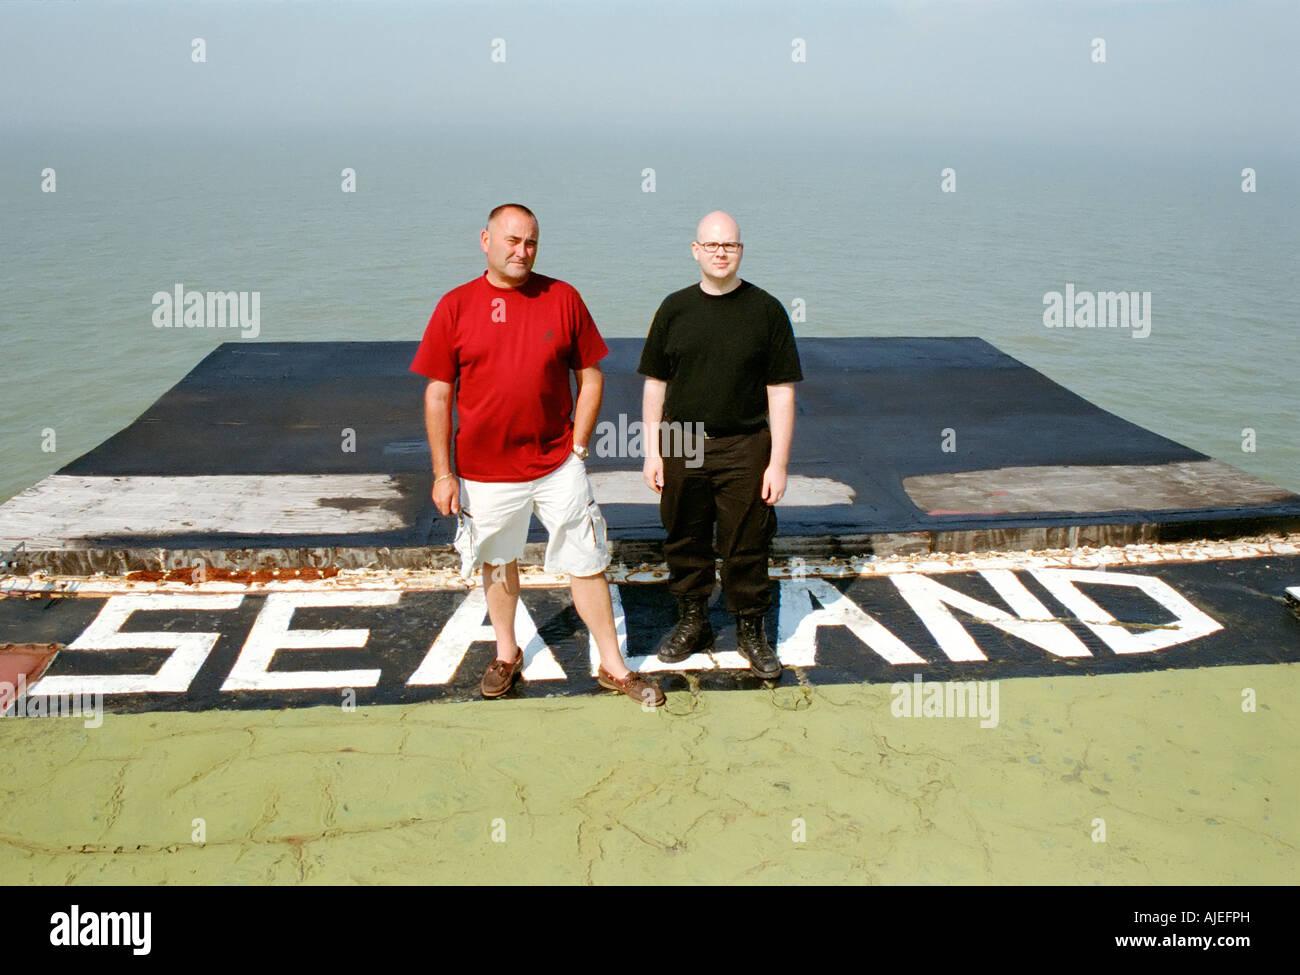 Prince Michael Bates and Havenco founder Ryan Lackey on Sealand's helipad Stock Photo